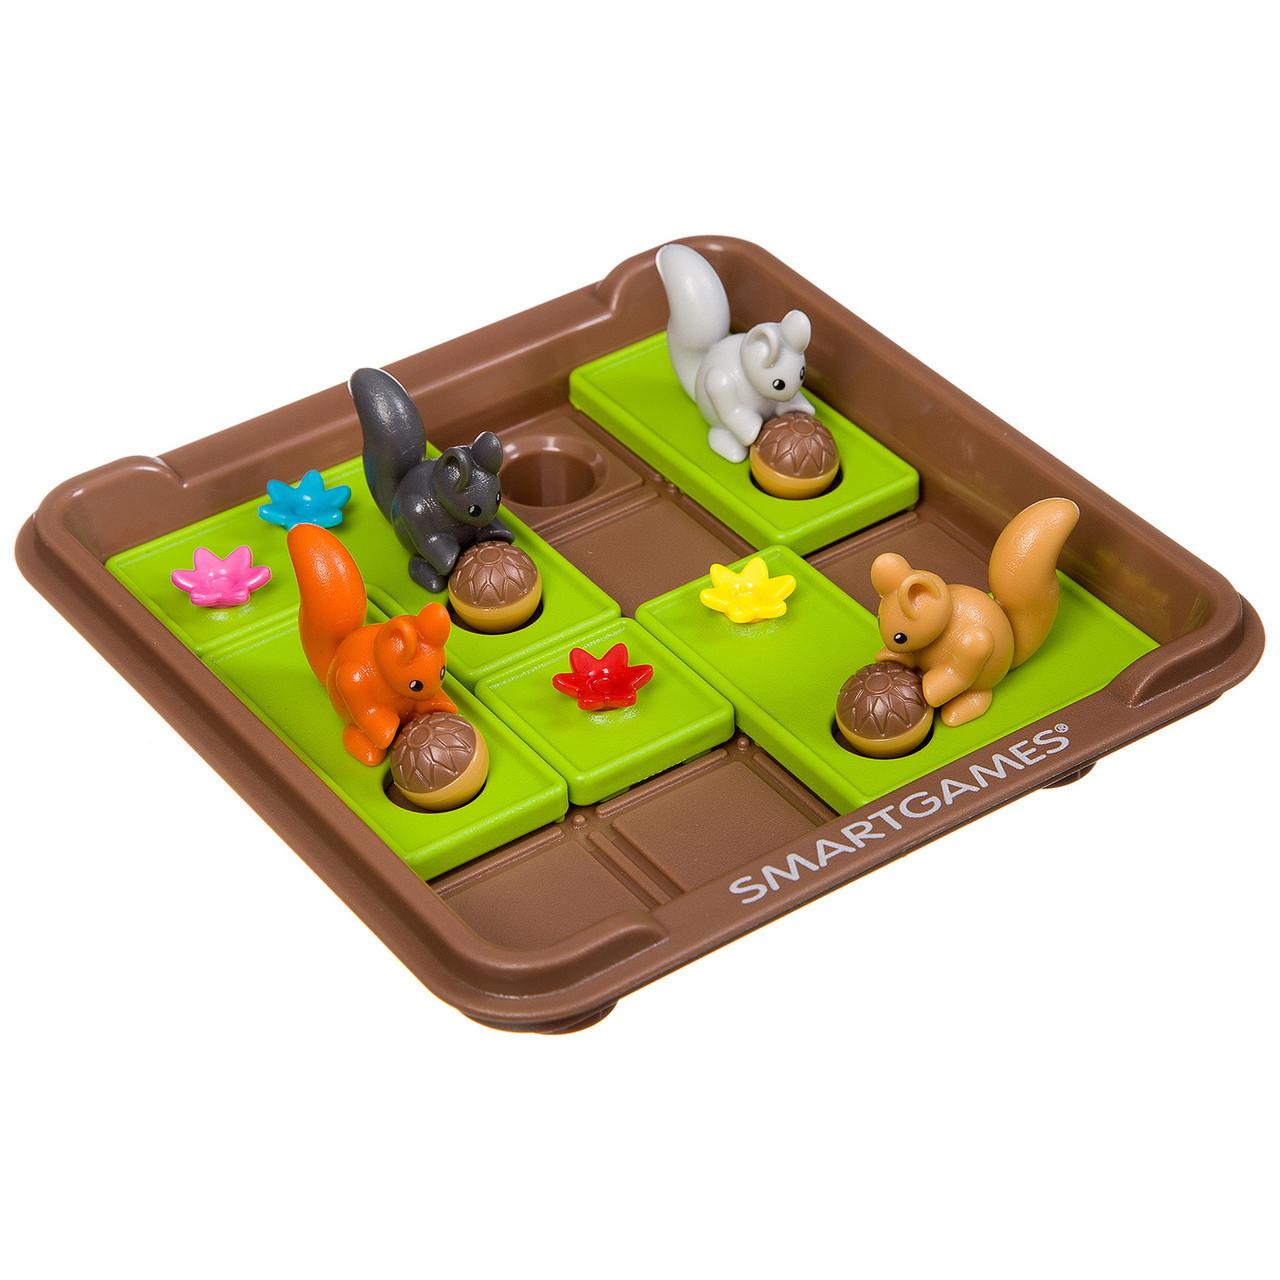 Настольная игра: Запасливые белки - фото 3